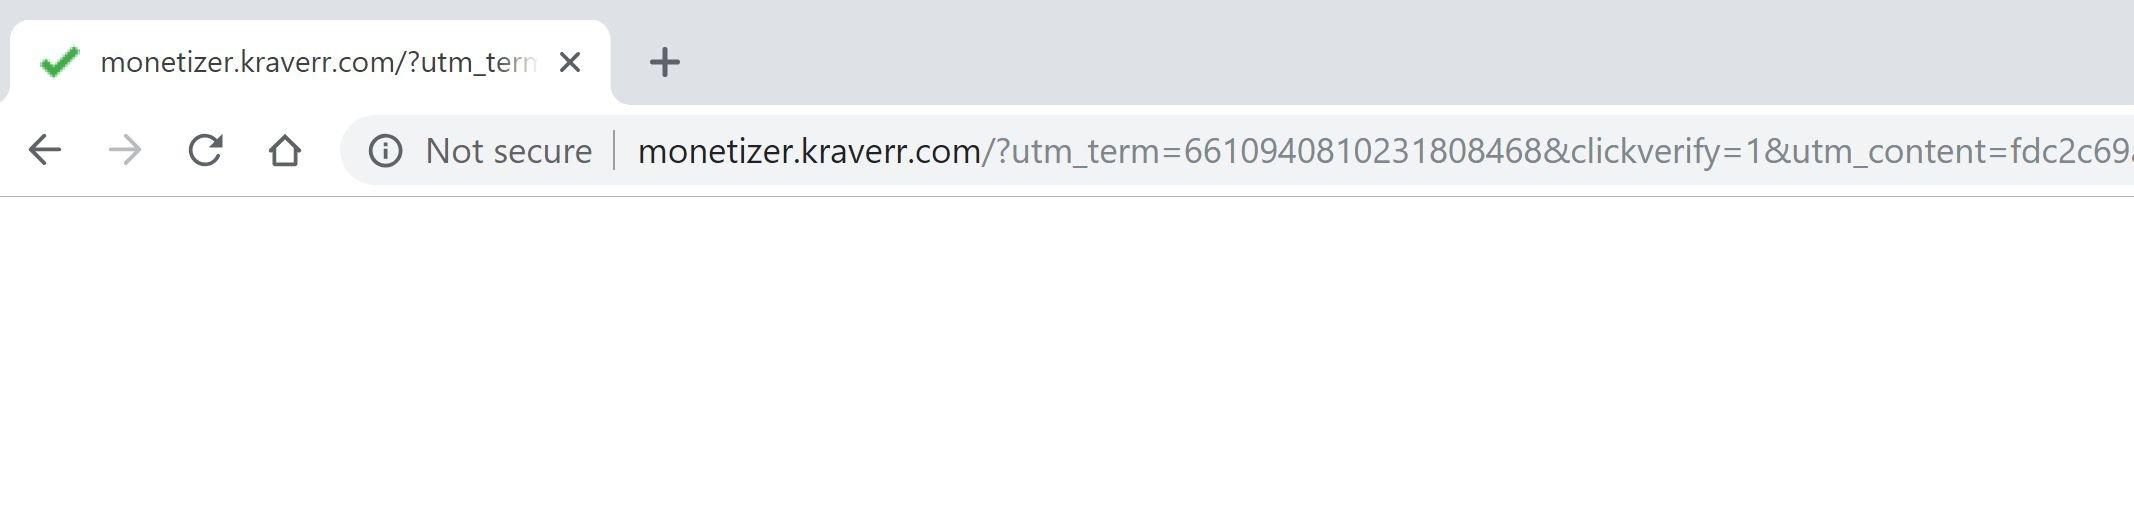 Monetizer.kraverr.com redirect virus